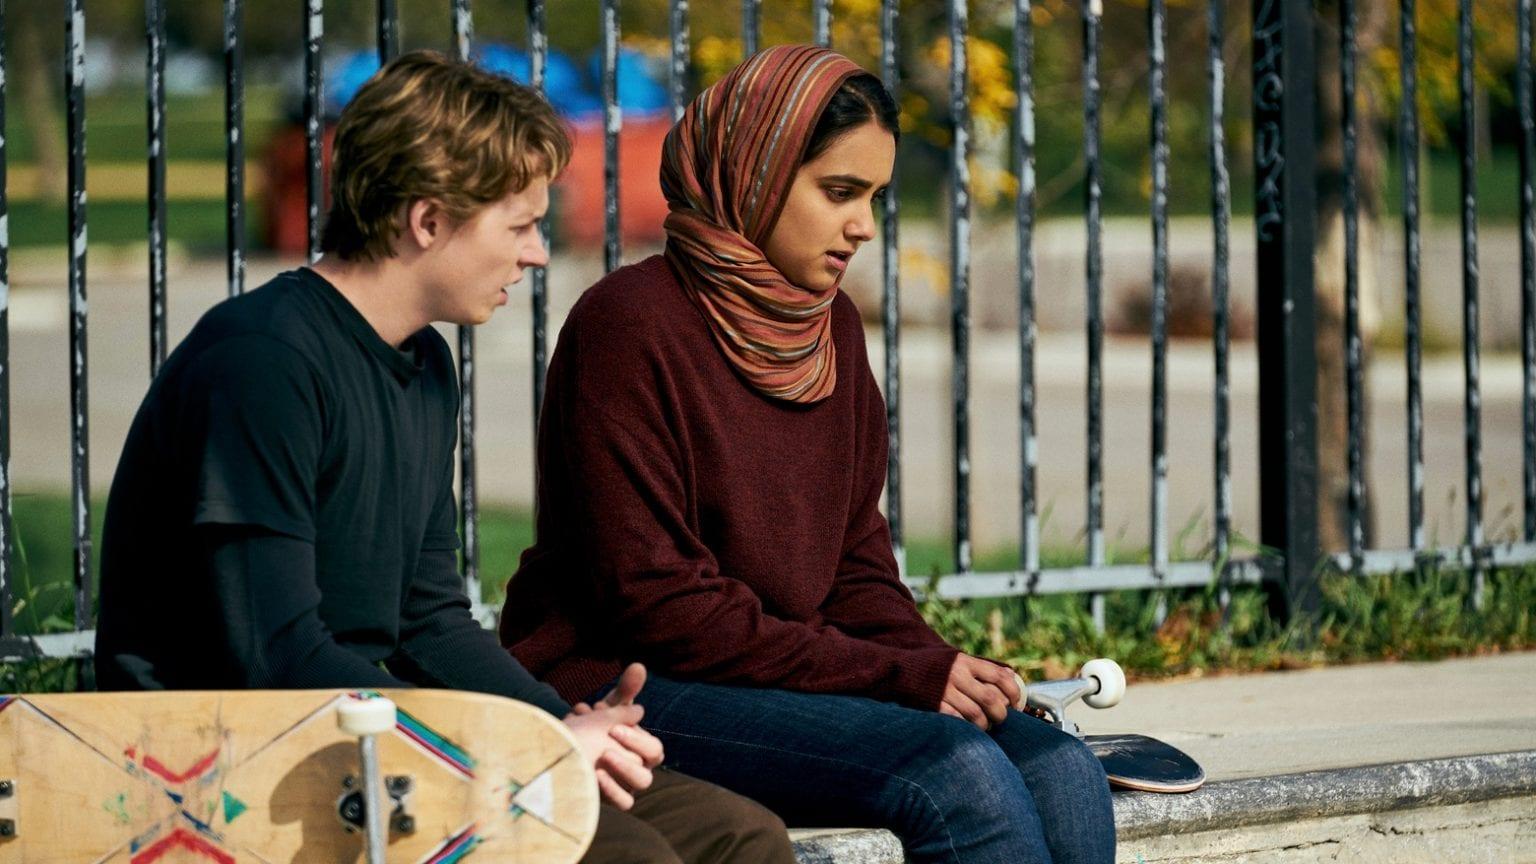 Hala stars Geraldine Viswanathan and Jack Kilmer